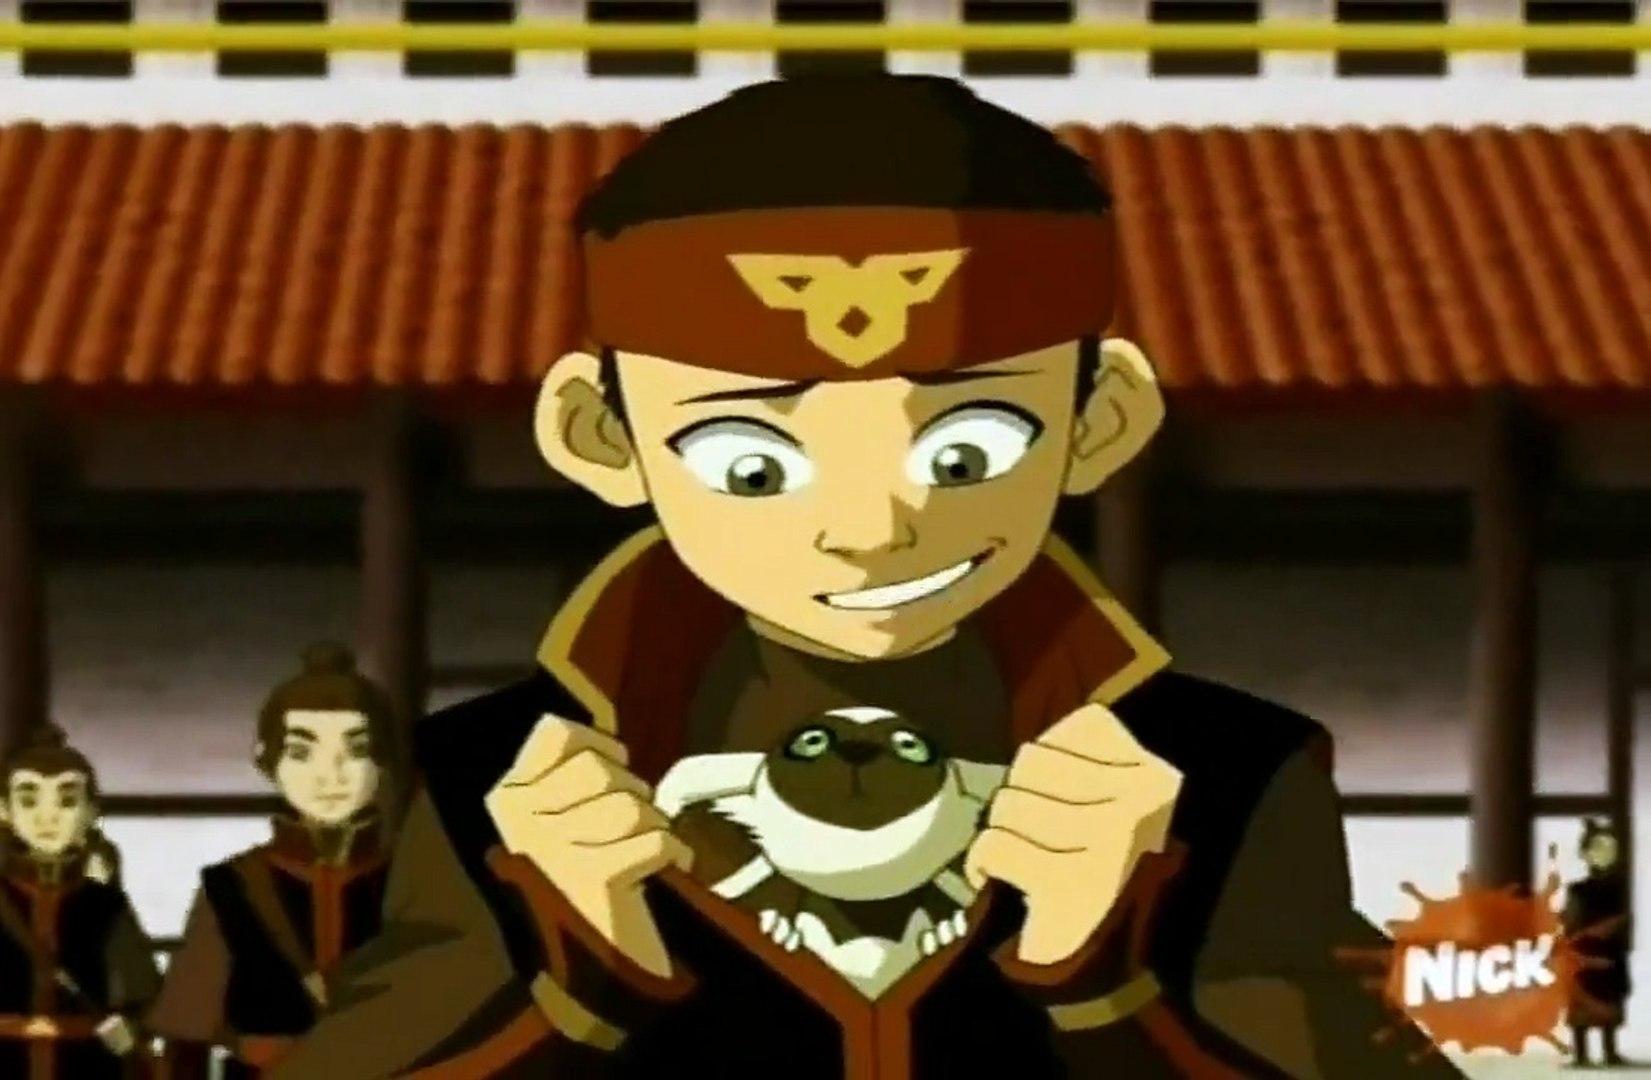 Avatar - The Last Airbender S03E02 The Headband